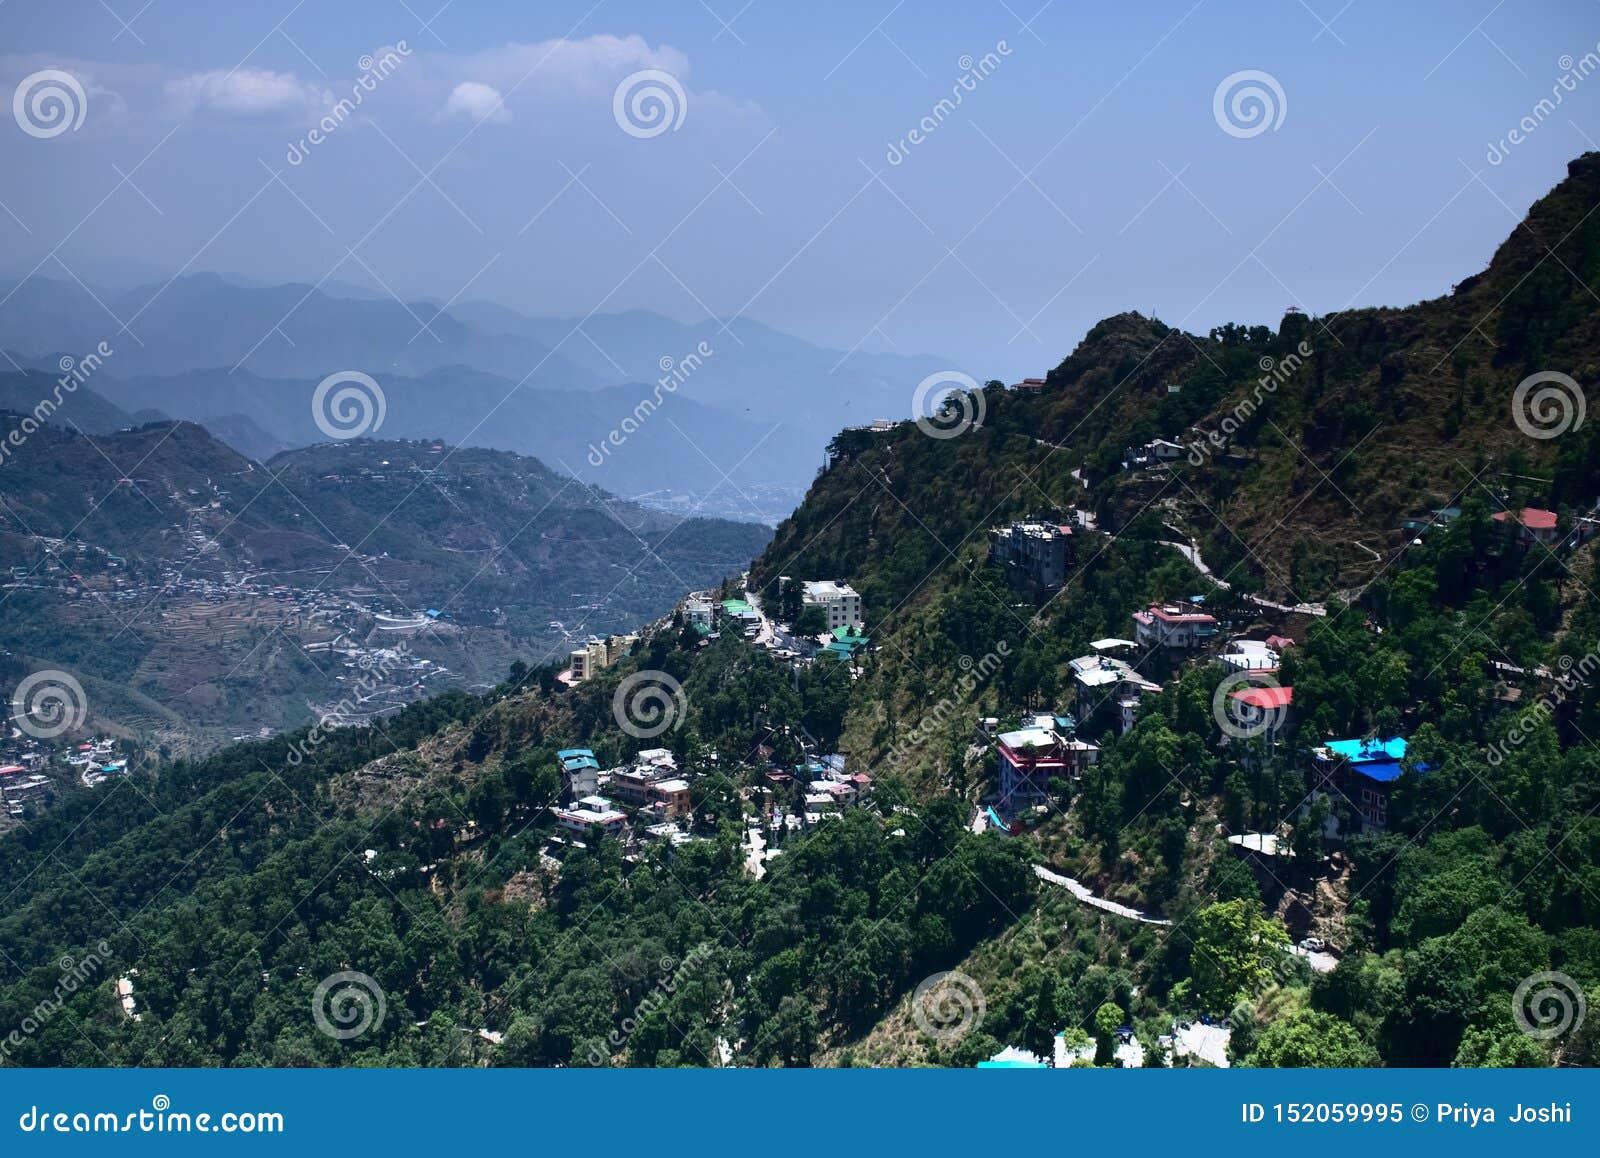 Vista da cidade bonita do monte uma cidade nas montanhas completas de casas coloridas e do cenário muito vibrante das casas nas m